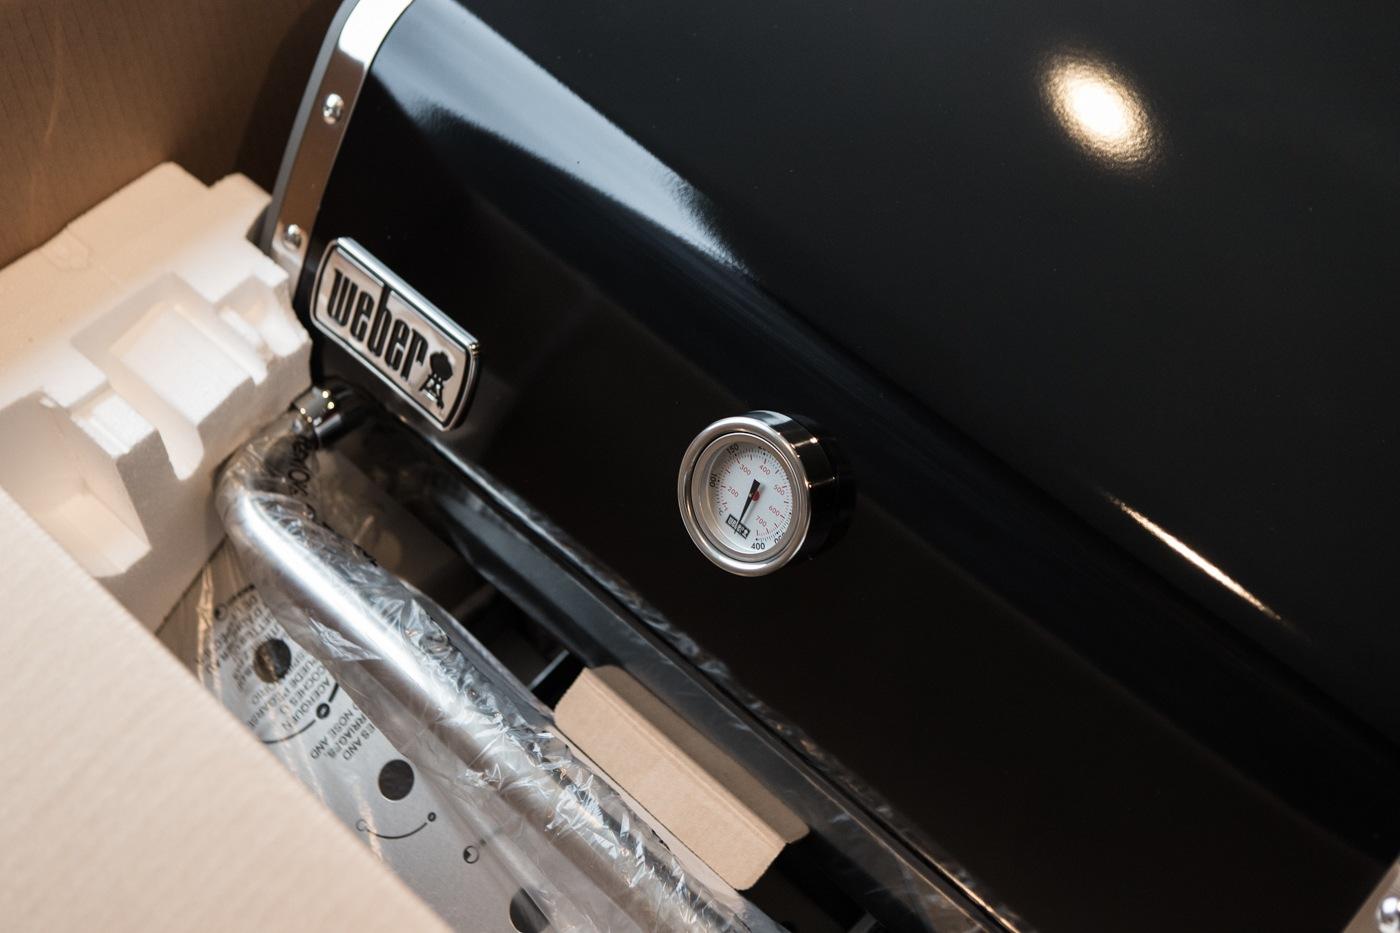 vorstellung-weber-genesis-ii-ep-335-modell-2019-4